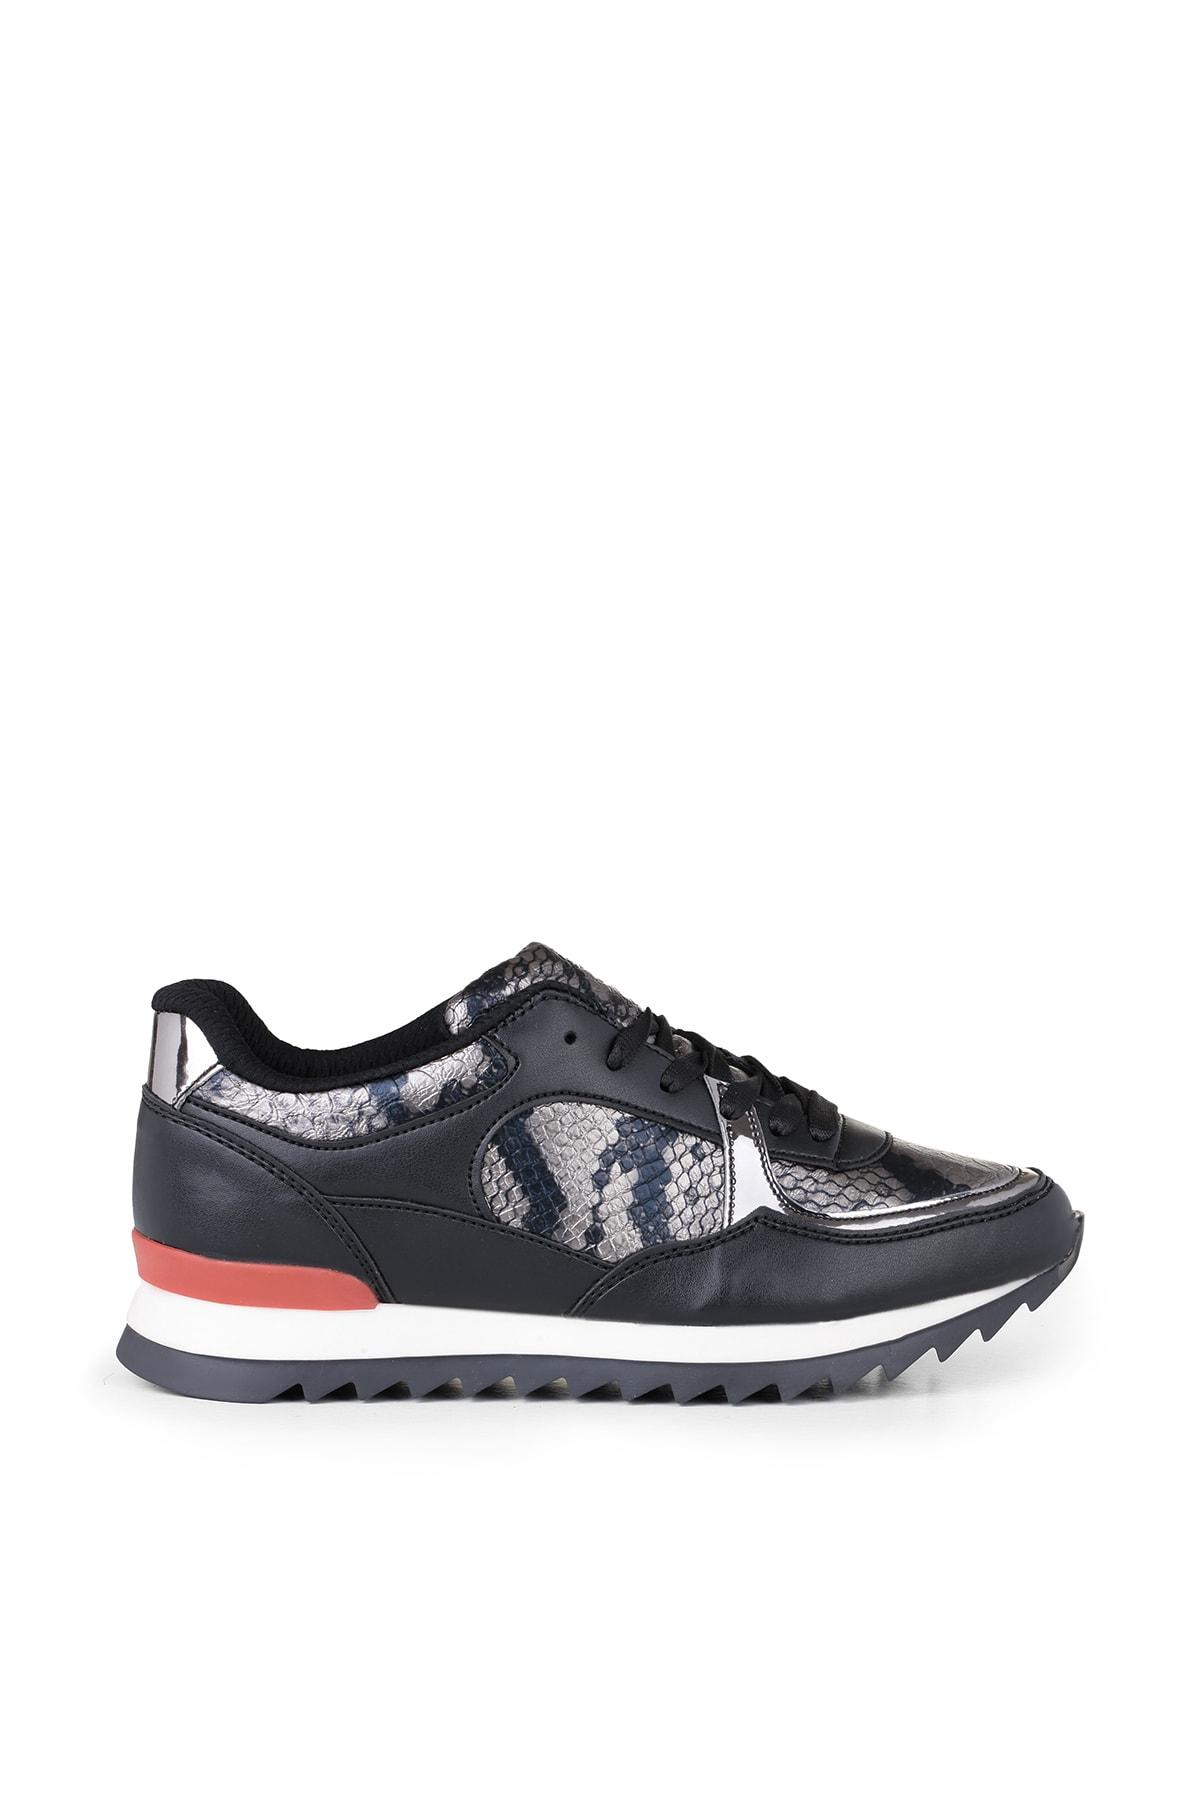 Crash Kadın Sneaker 14045 2